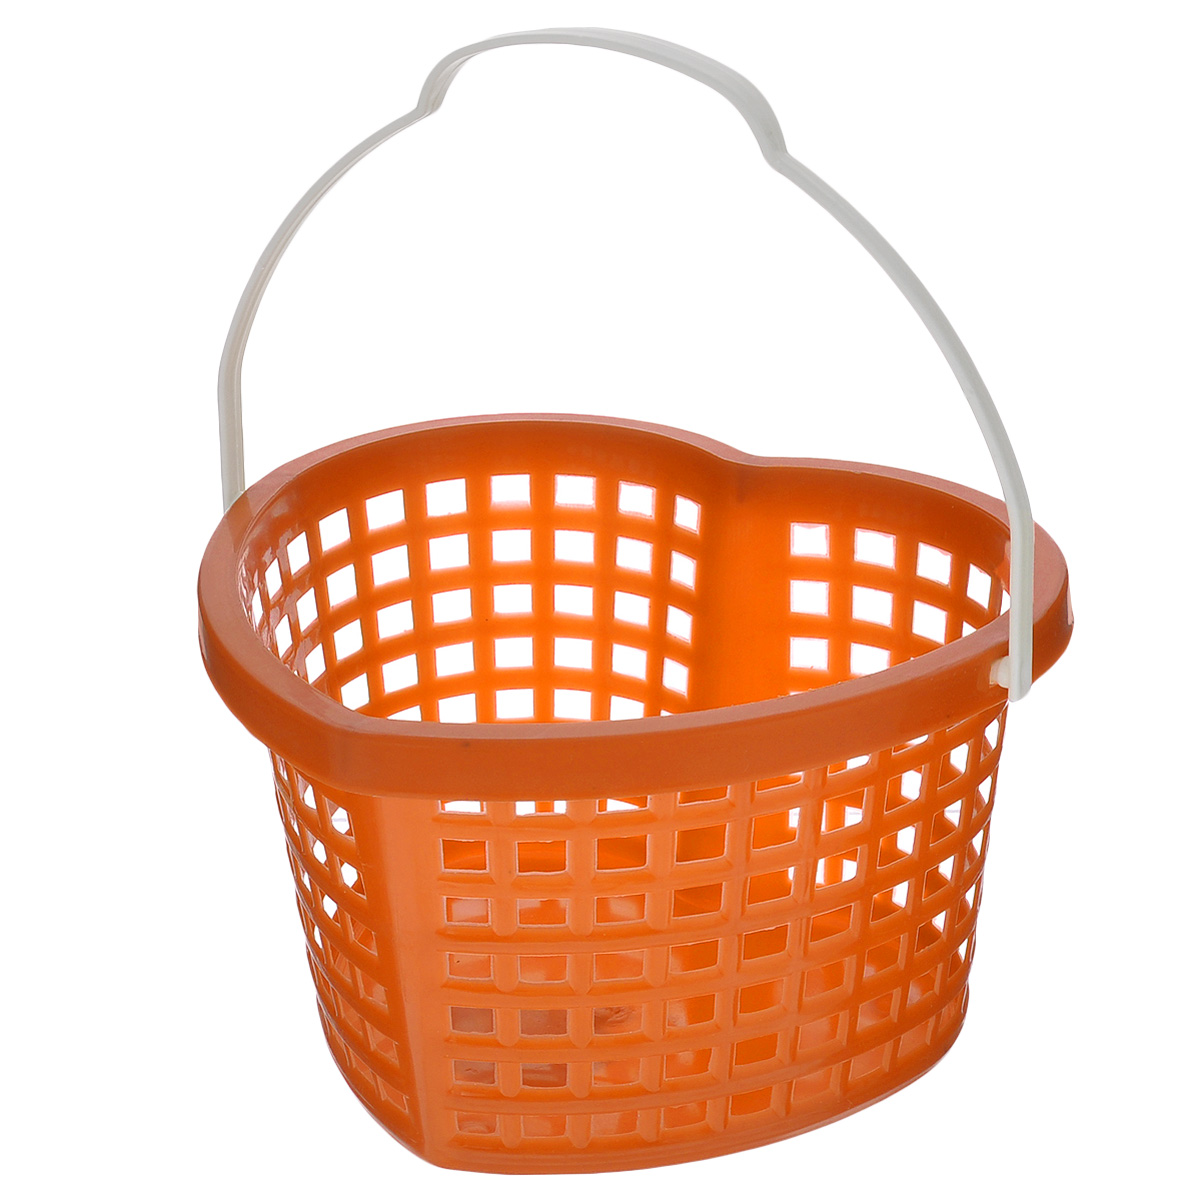 Корзина Sima-land Сердце, цвет: оранжевый, 19 см х 17 см х 12 см185378_оранжевыйКорзина Sima-land Сердце, изготовленная из высококачественного прочного пластика, предназначена для хранения мелочей в ванной, на кухне, даче или гараже. Изделие выполнено в виде сердца и оснащено эргономичной ручкой для переноски.Это легкая корзина со сплошным дном, жесткой кромкой и небольшими отверстиями, которая позволяет хранить мелкие вещи, исключая возможность их потери.